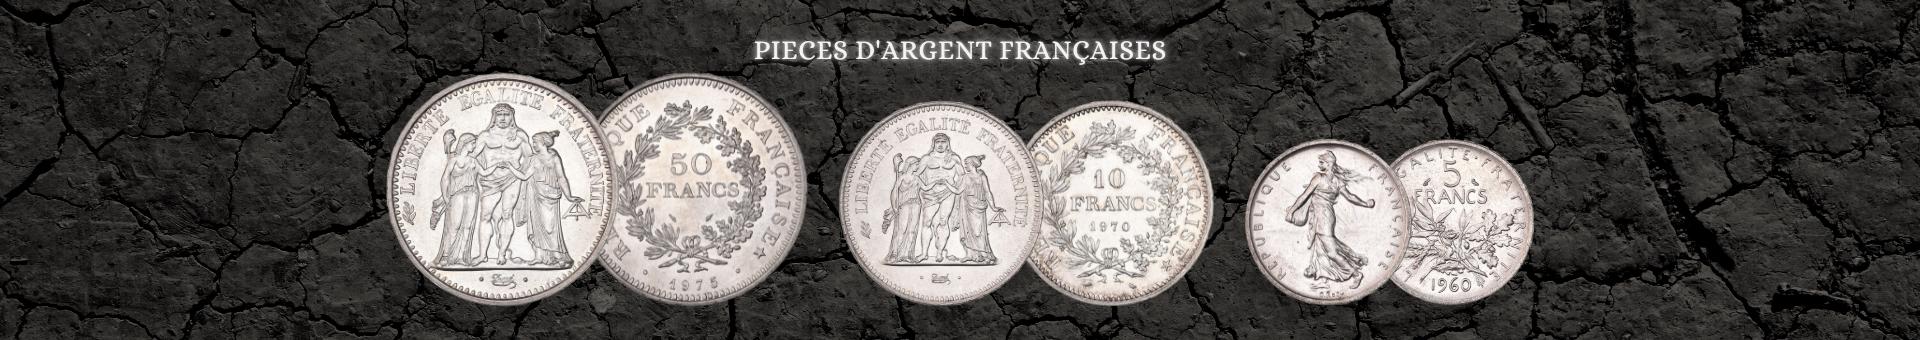 Achetez des pièces d'argent françaises avec Or & Change